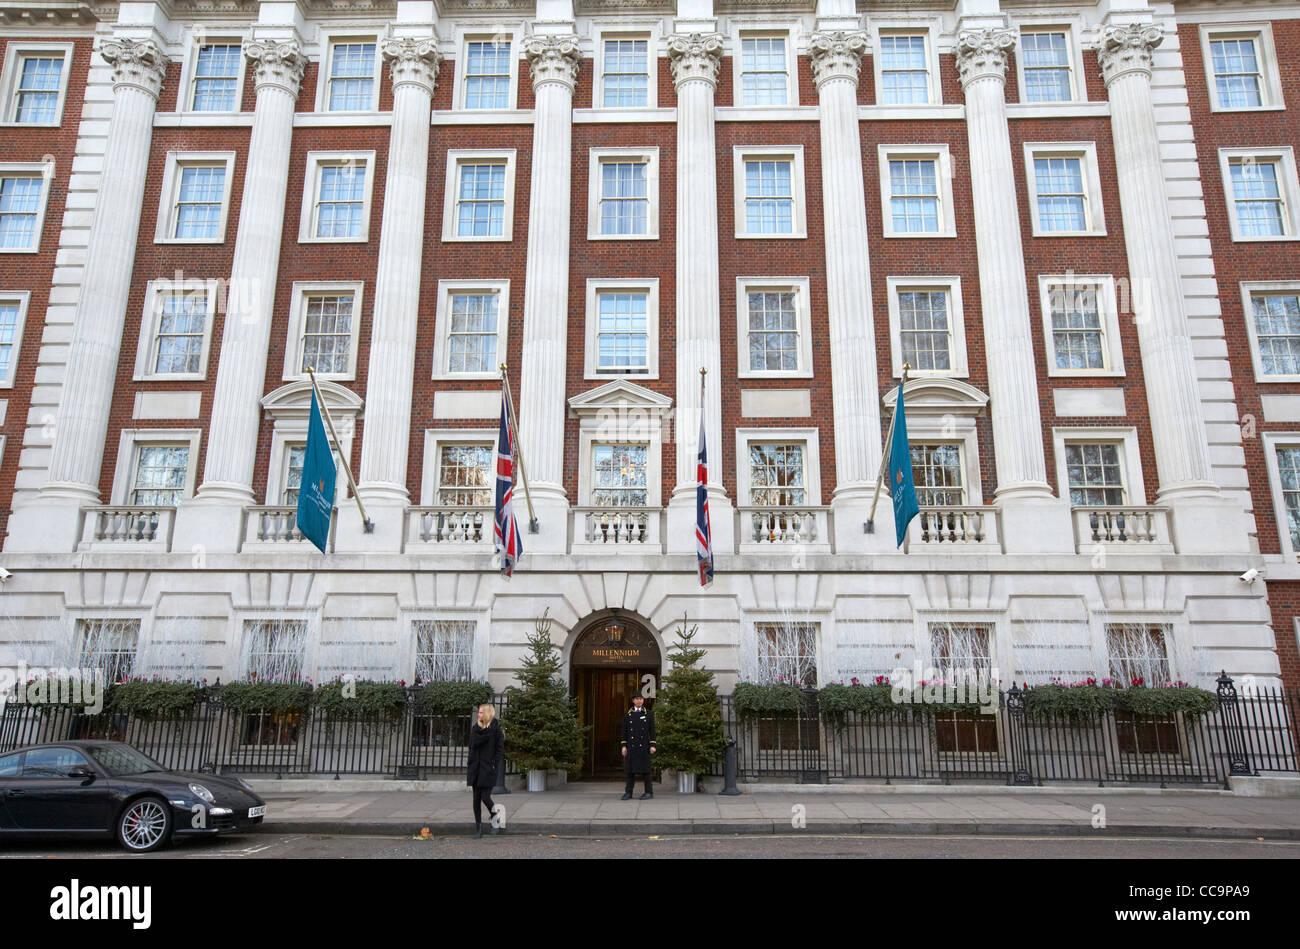 Millennium Hotel Grosvenor Square London